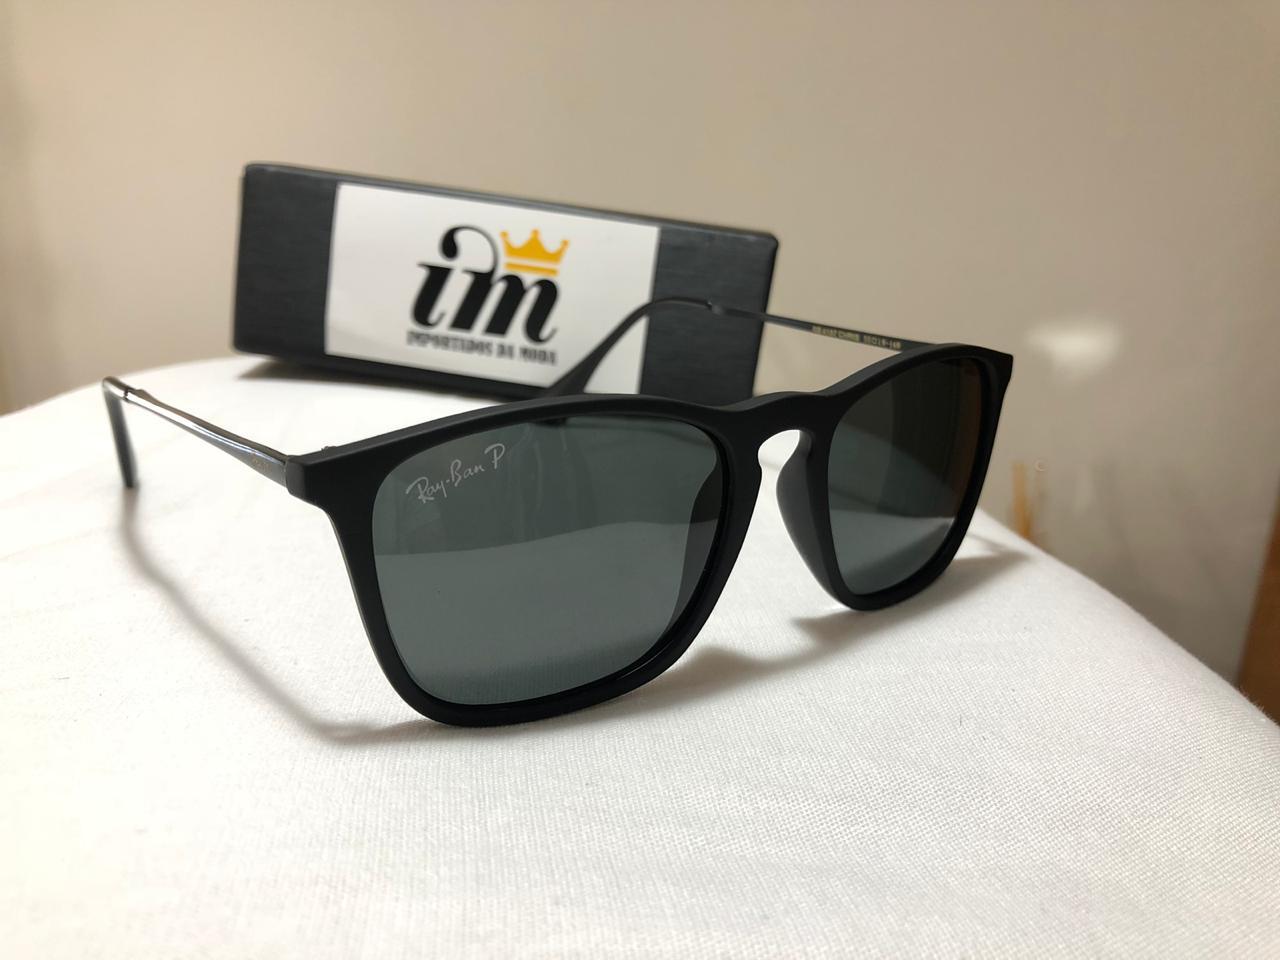 e8c658dc745de Fotos reais e detalhadas do produto Ray-Ban Chris RB4187 - Preto - Óculos  de Sol